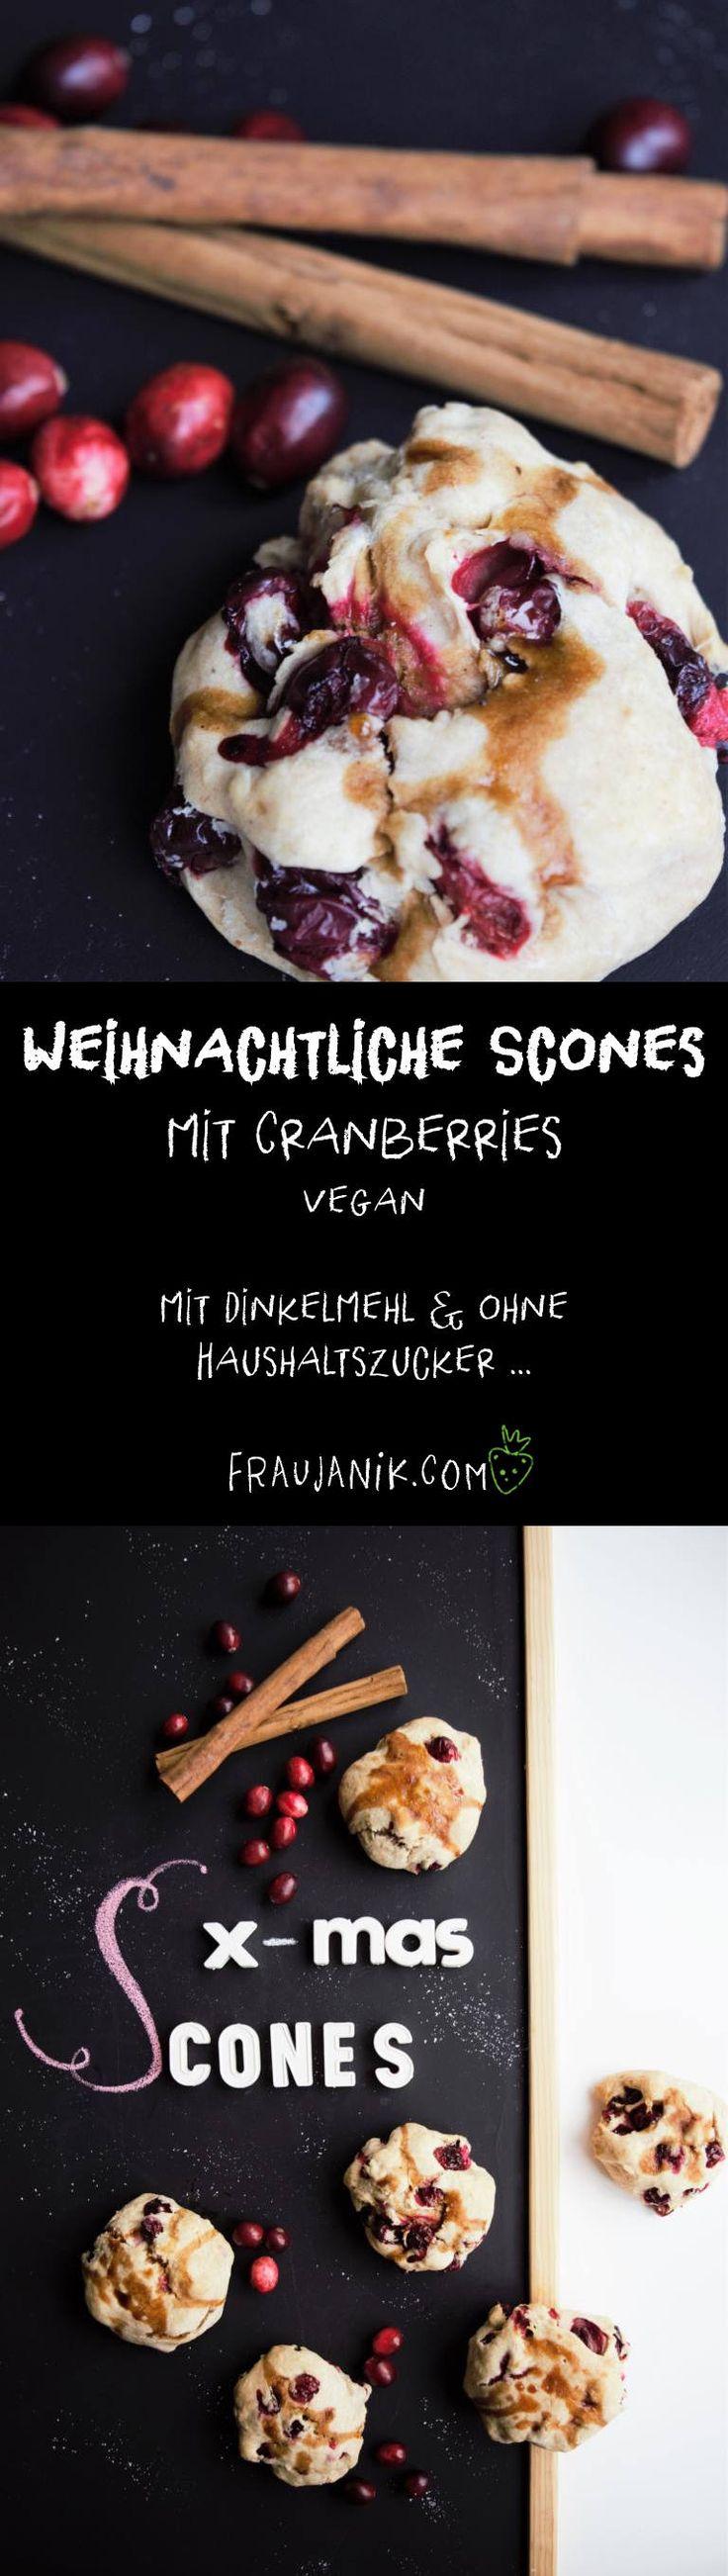 Weihnachtliche Scones mit Cranberries | vegan 🎄 - gesund, mit Dinkelmehl & ohne Haushaltszucker ... Hmm weihnachtliche Scones mit Cranberries und Zimt, so steht man doch gerne auf für ein leckeres Weihnachtsfrühstück oder? Mit Dinkelmehl, gesunder Kokosnussmilch und das Beste: Super schnell zubereitet! #weihnachten #scones #vegan #cranberries #zimt #weihnachtsgebäck #gesundbacken #backen #gesund